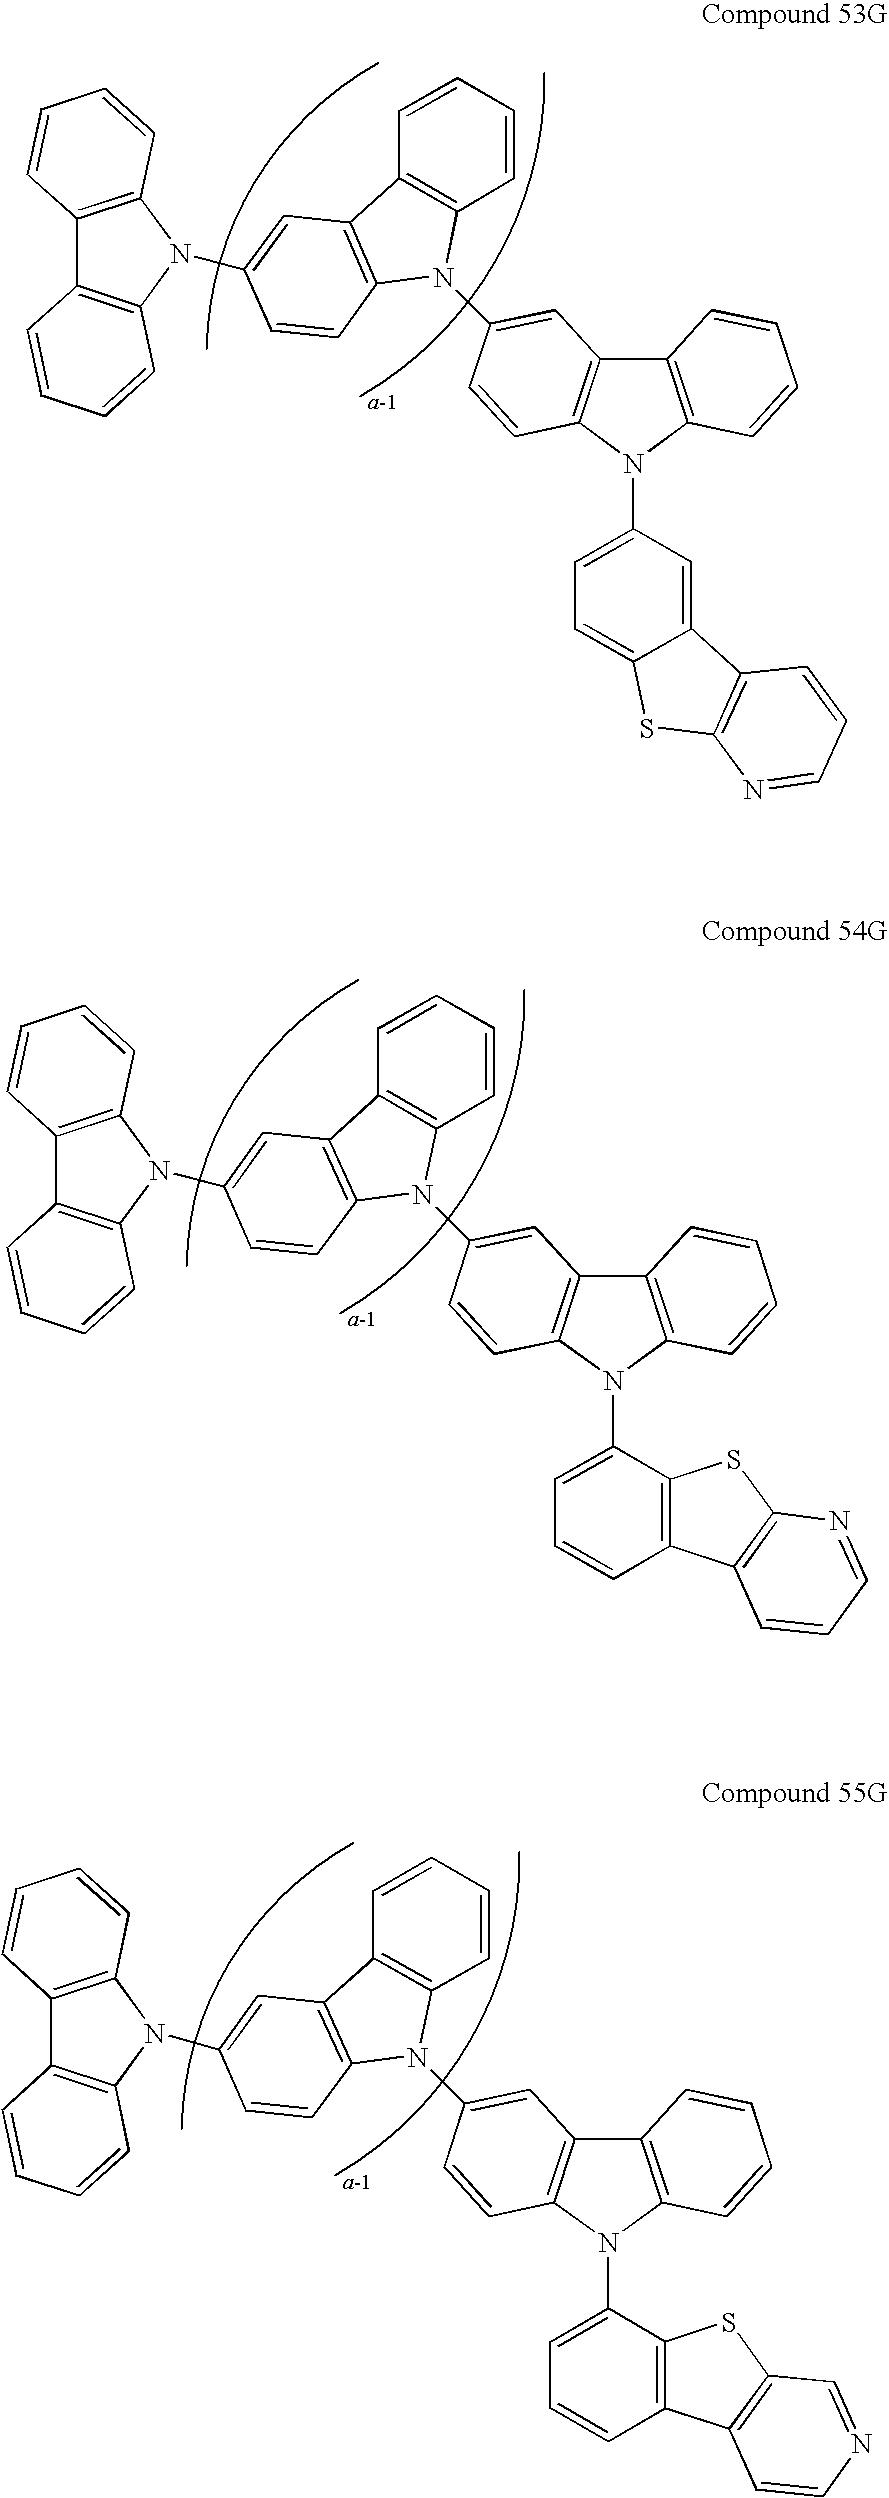 Figure US20090134784A1-20090528-C00216